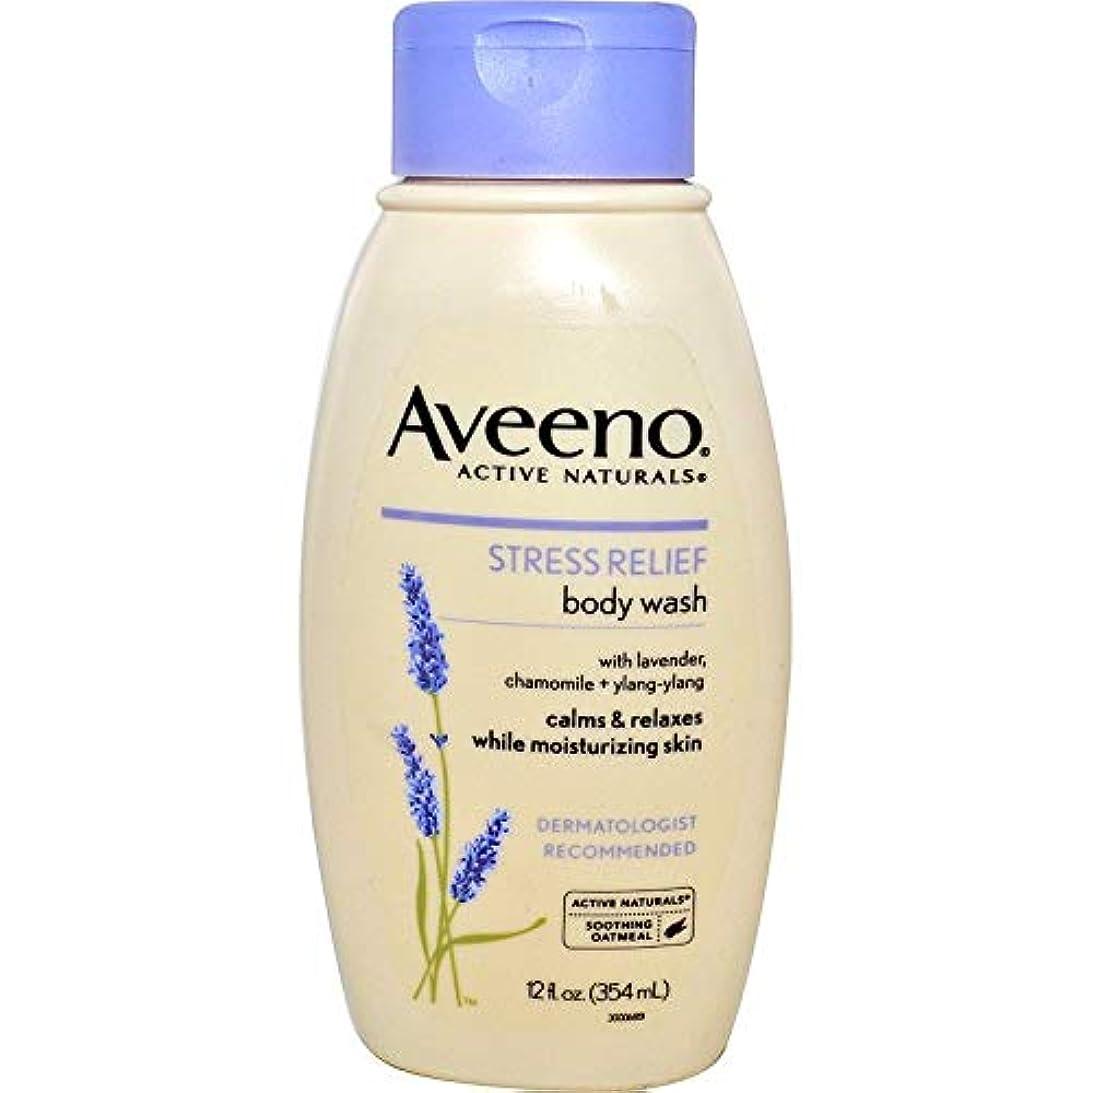 温かいポンペイ感じAveeno Stress Relief Body Wash 12 fl oz by AveenoX 3 Pack [並行輸入品]